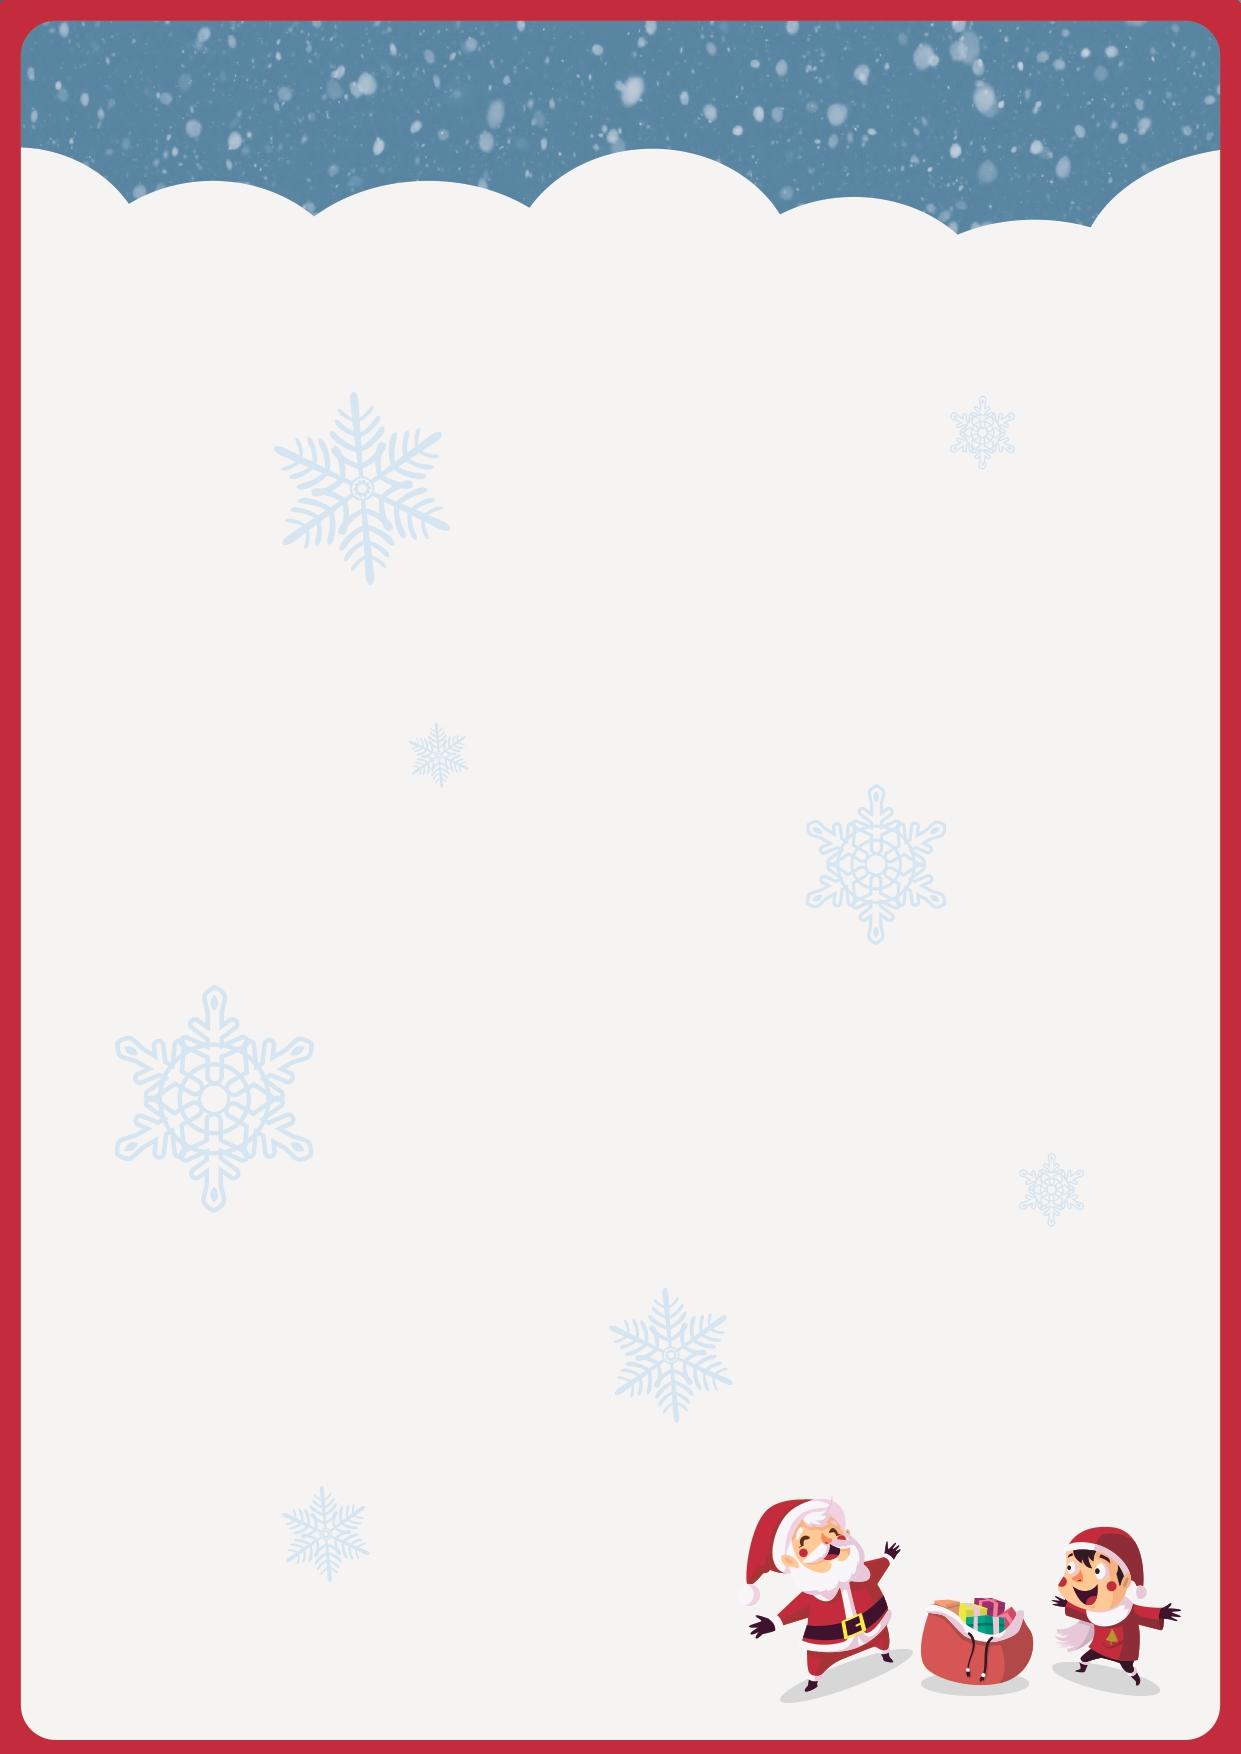 carte de noël pour enfants numéro 1